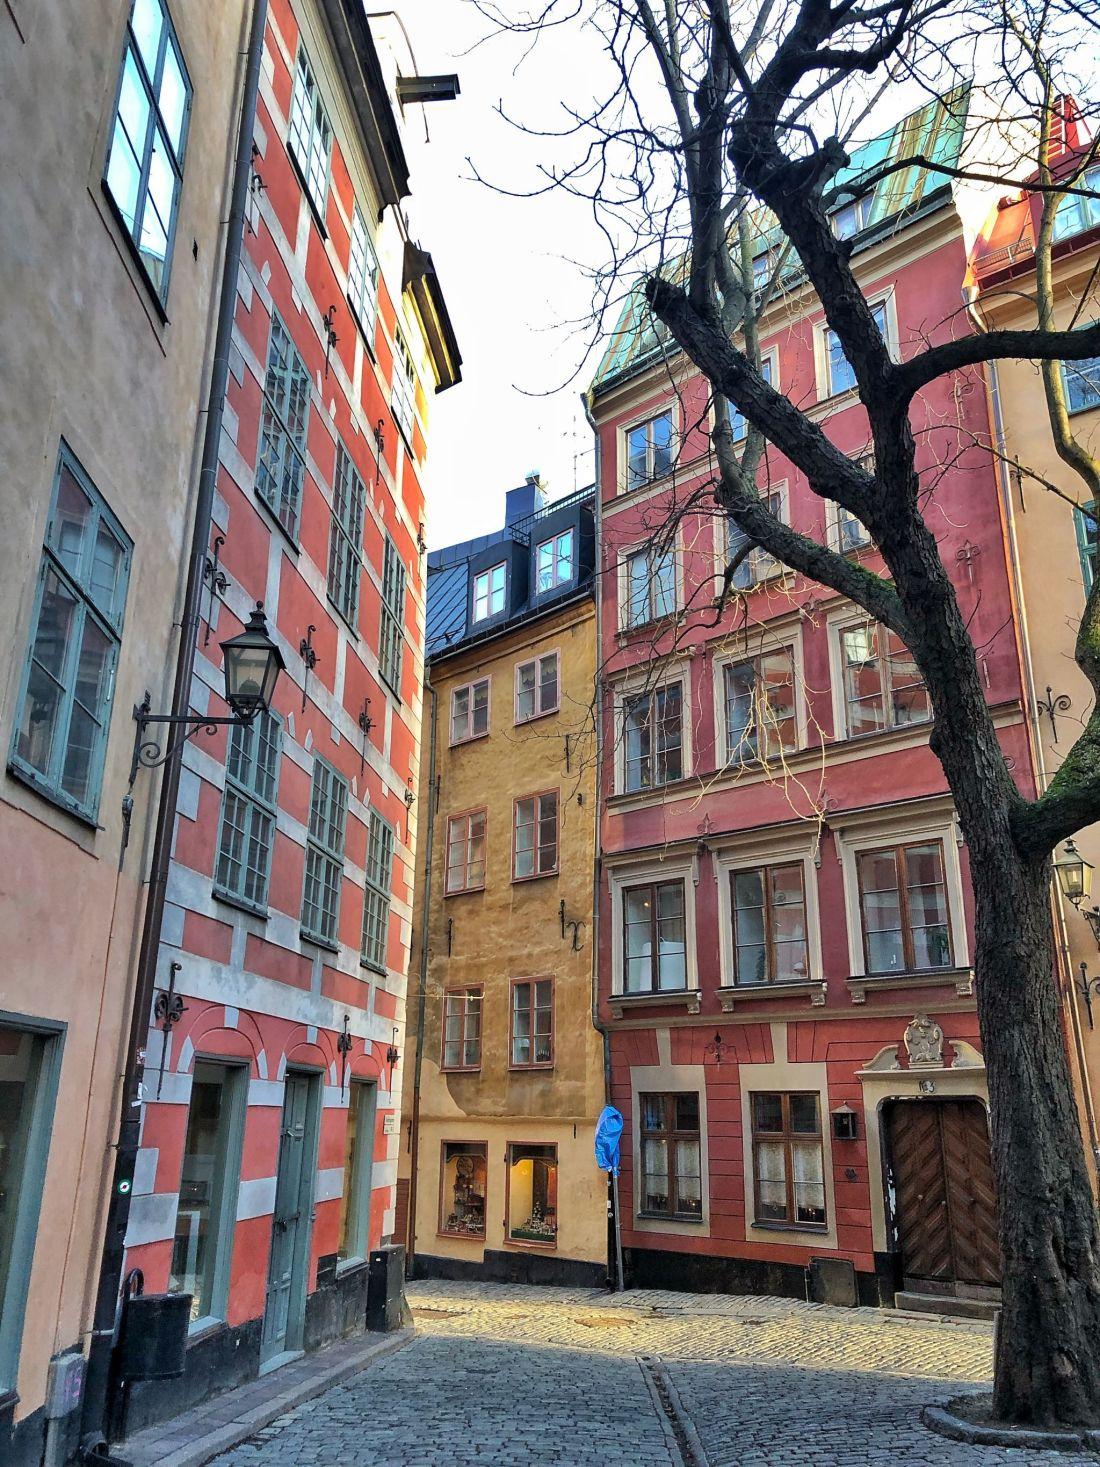 Buildings in Gamla Stan Stockholm